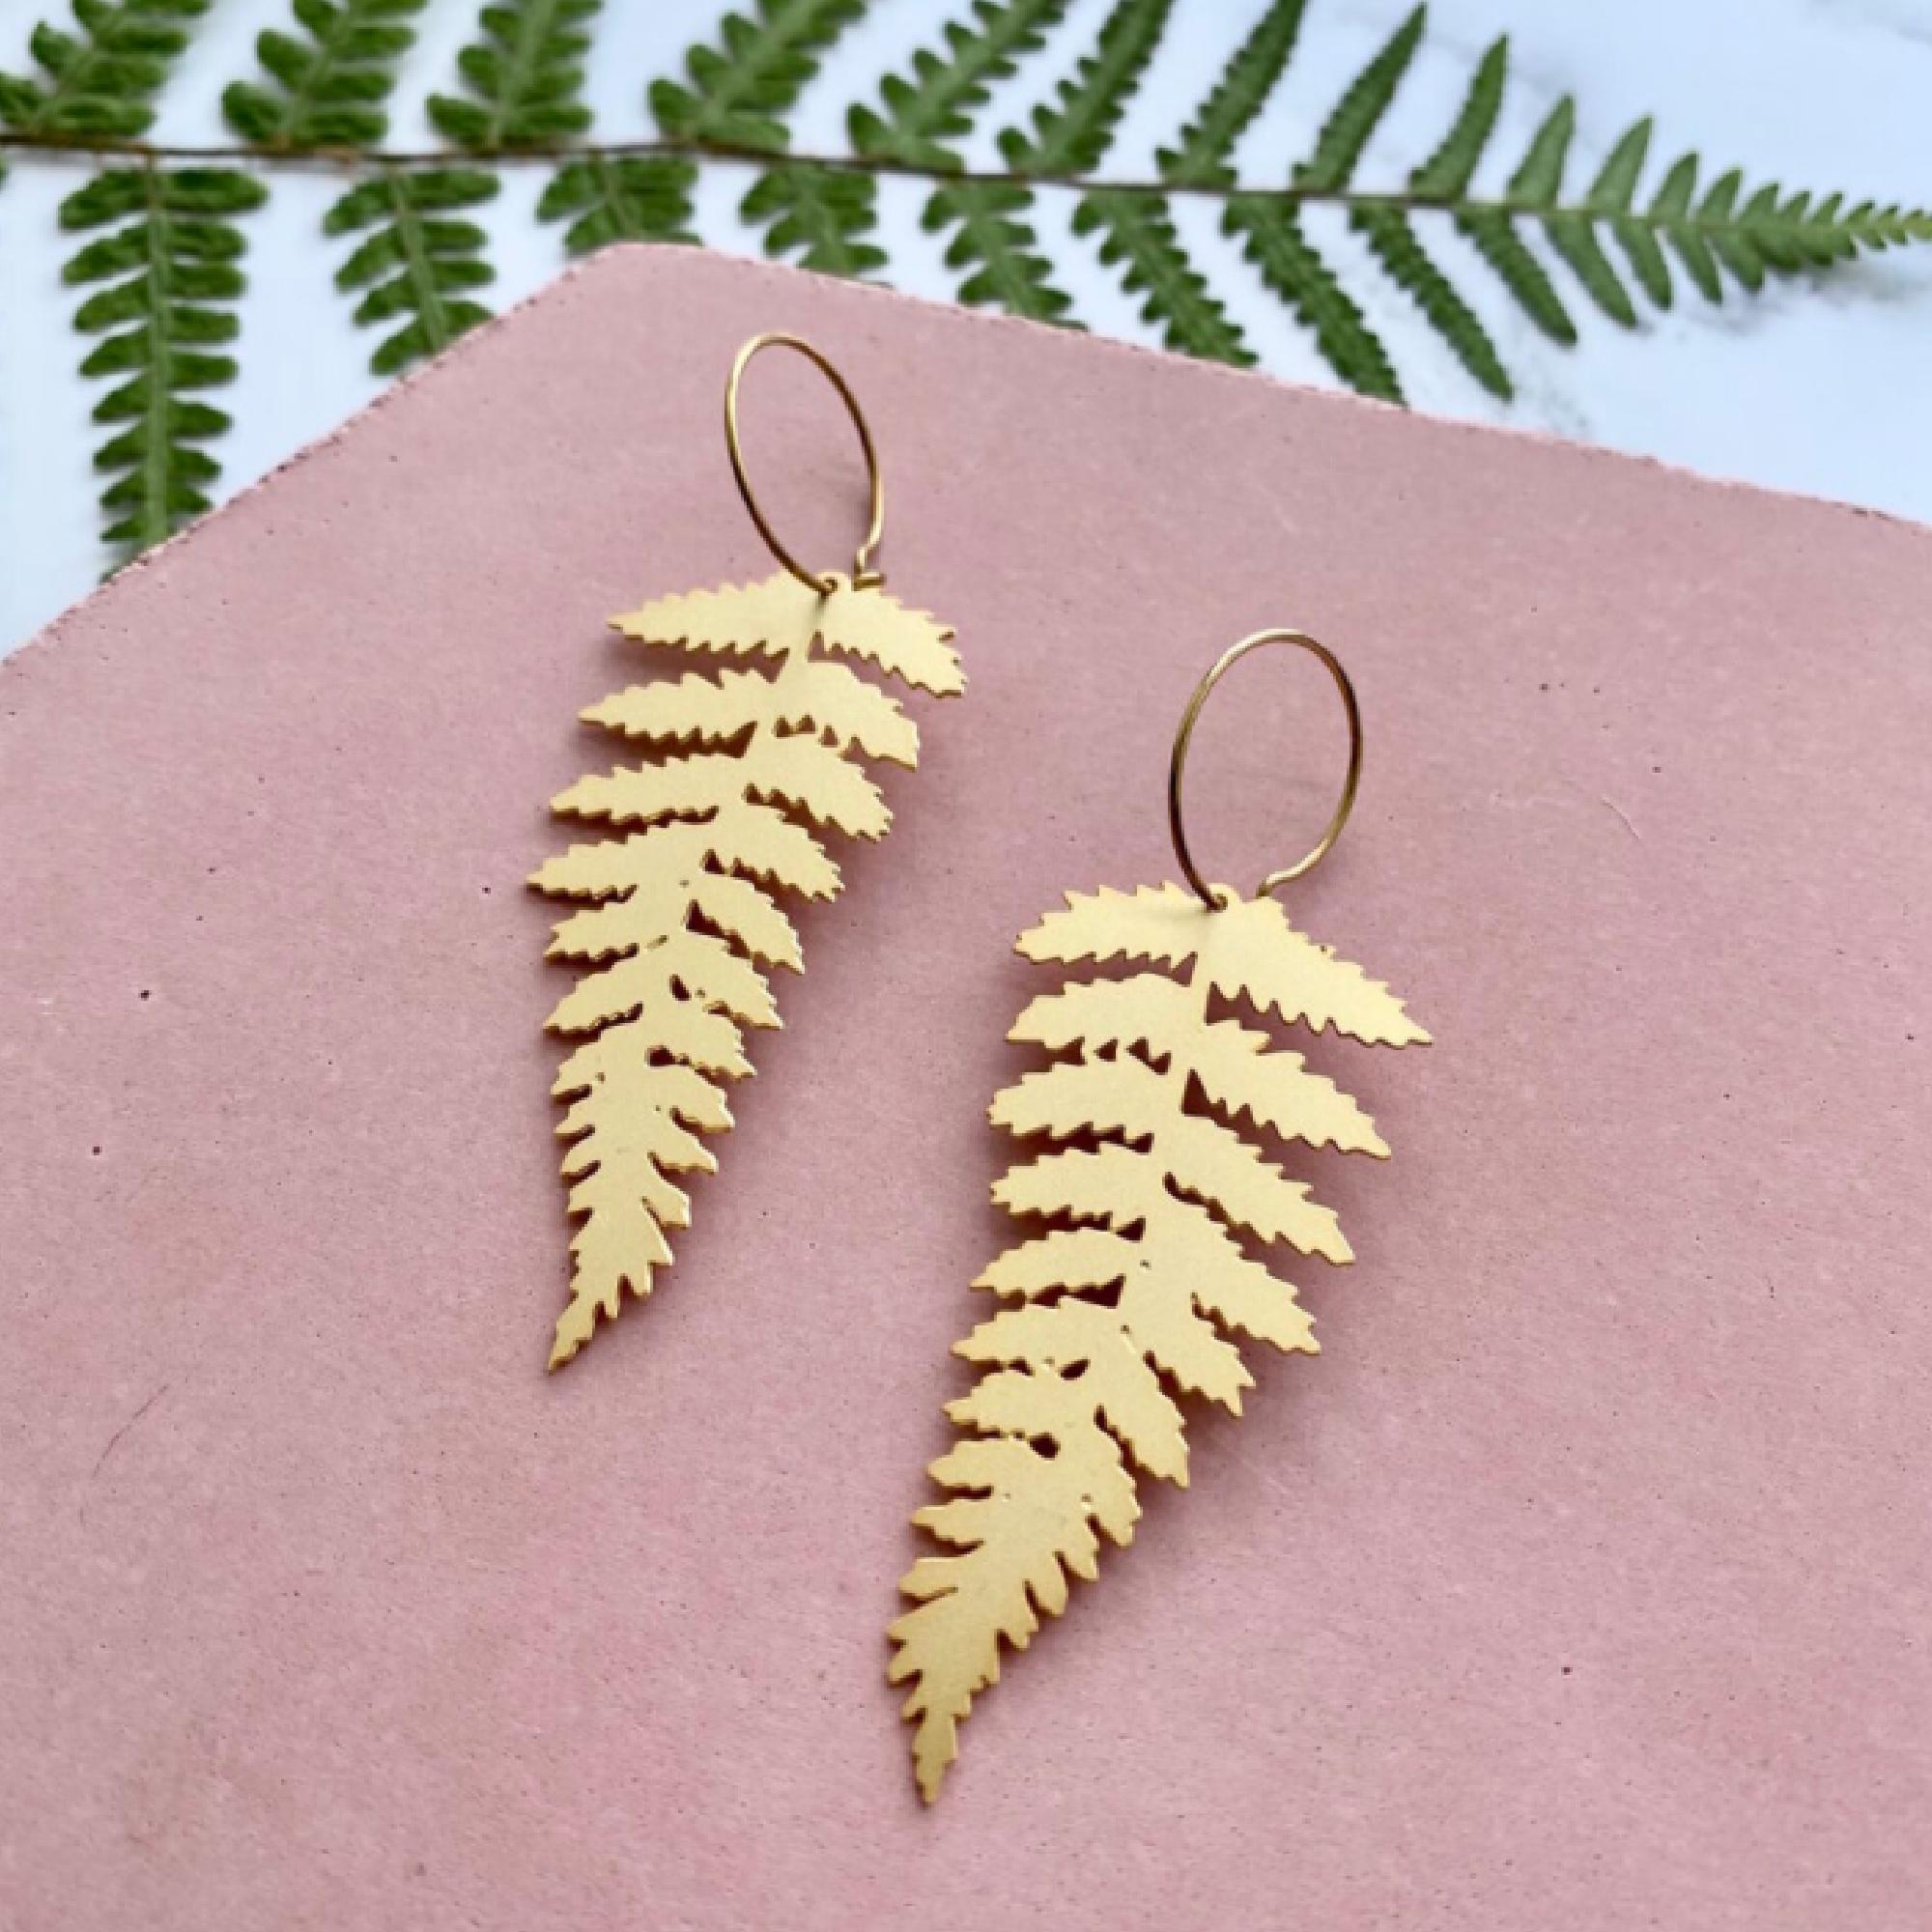 Fern Leaf Earrings by Mica Peet